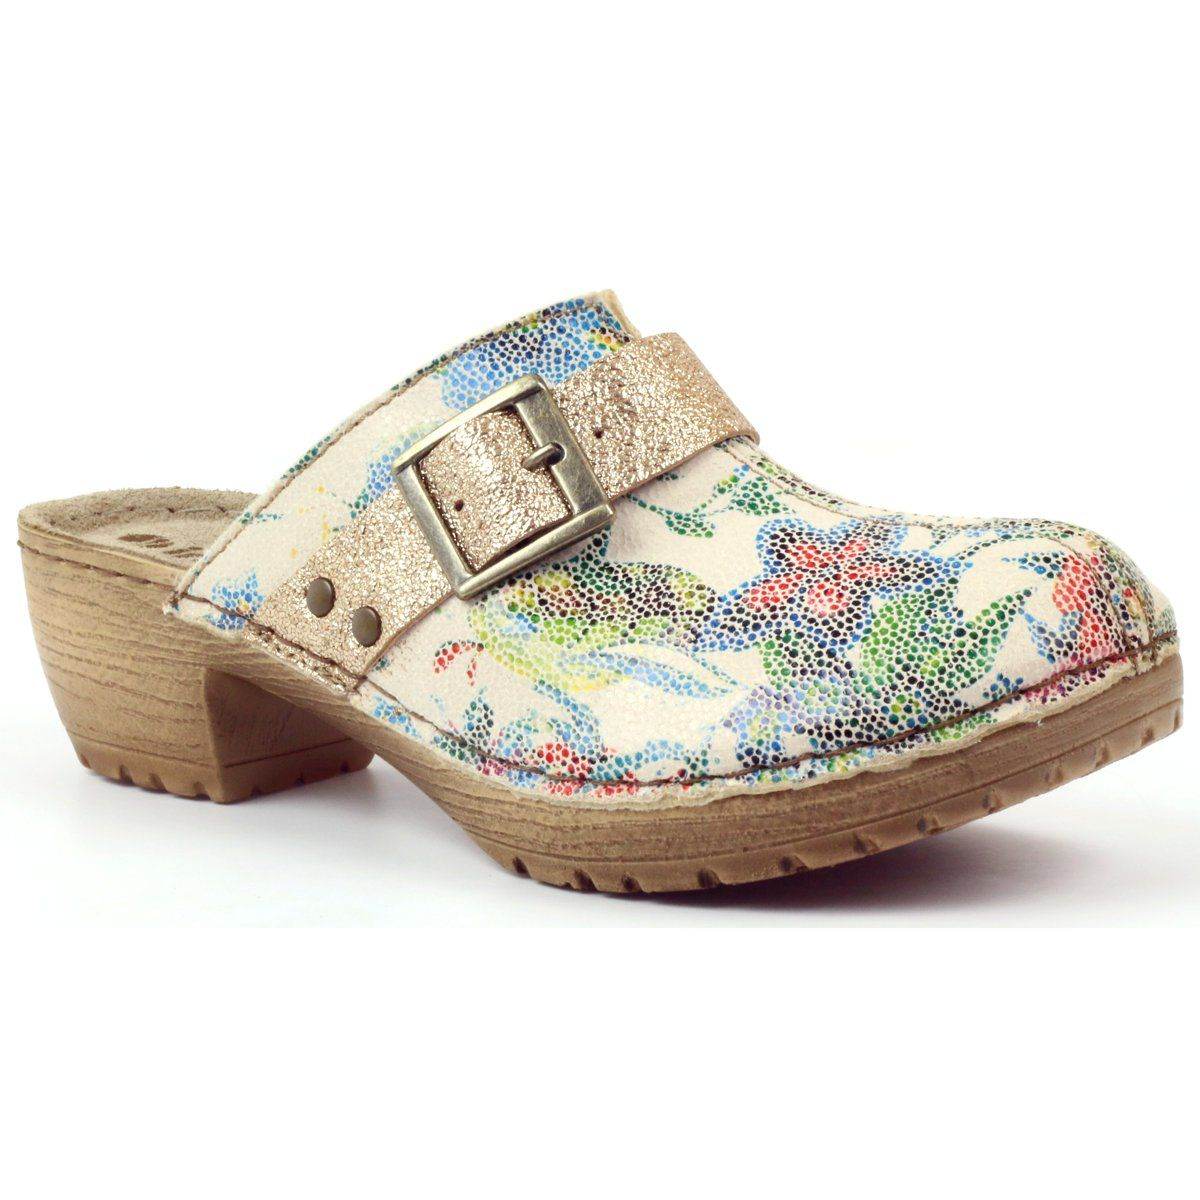 Klapki Drewniaki W Kwiaty Inblu Bl02 Brazowe Zolte Wielokolorowe Clogs Shoes Fashion